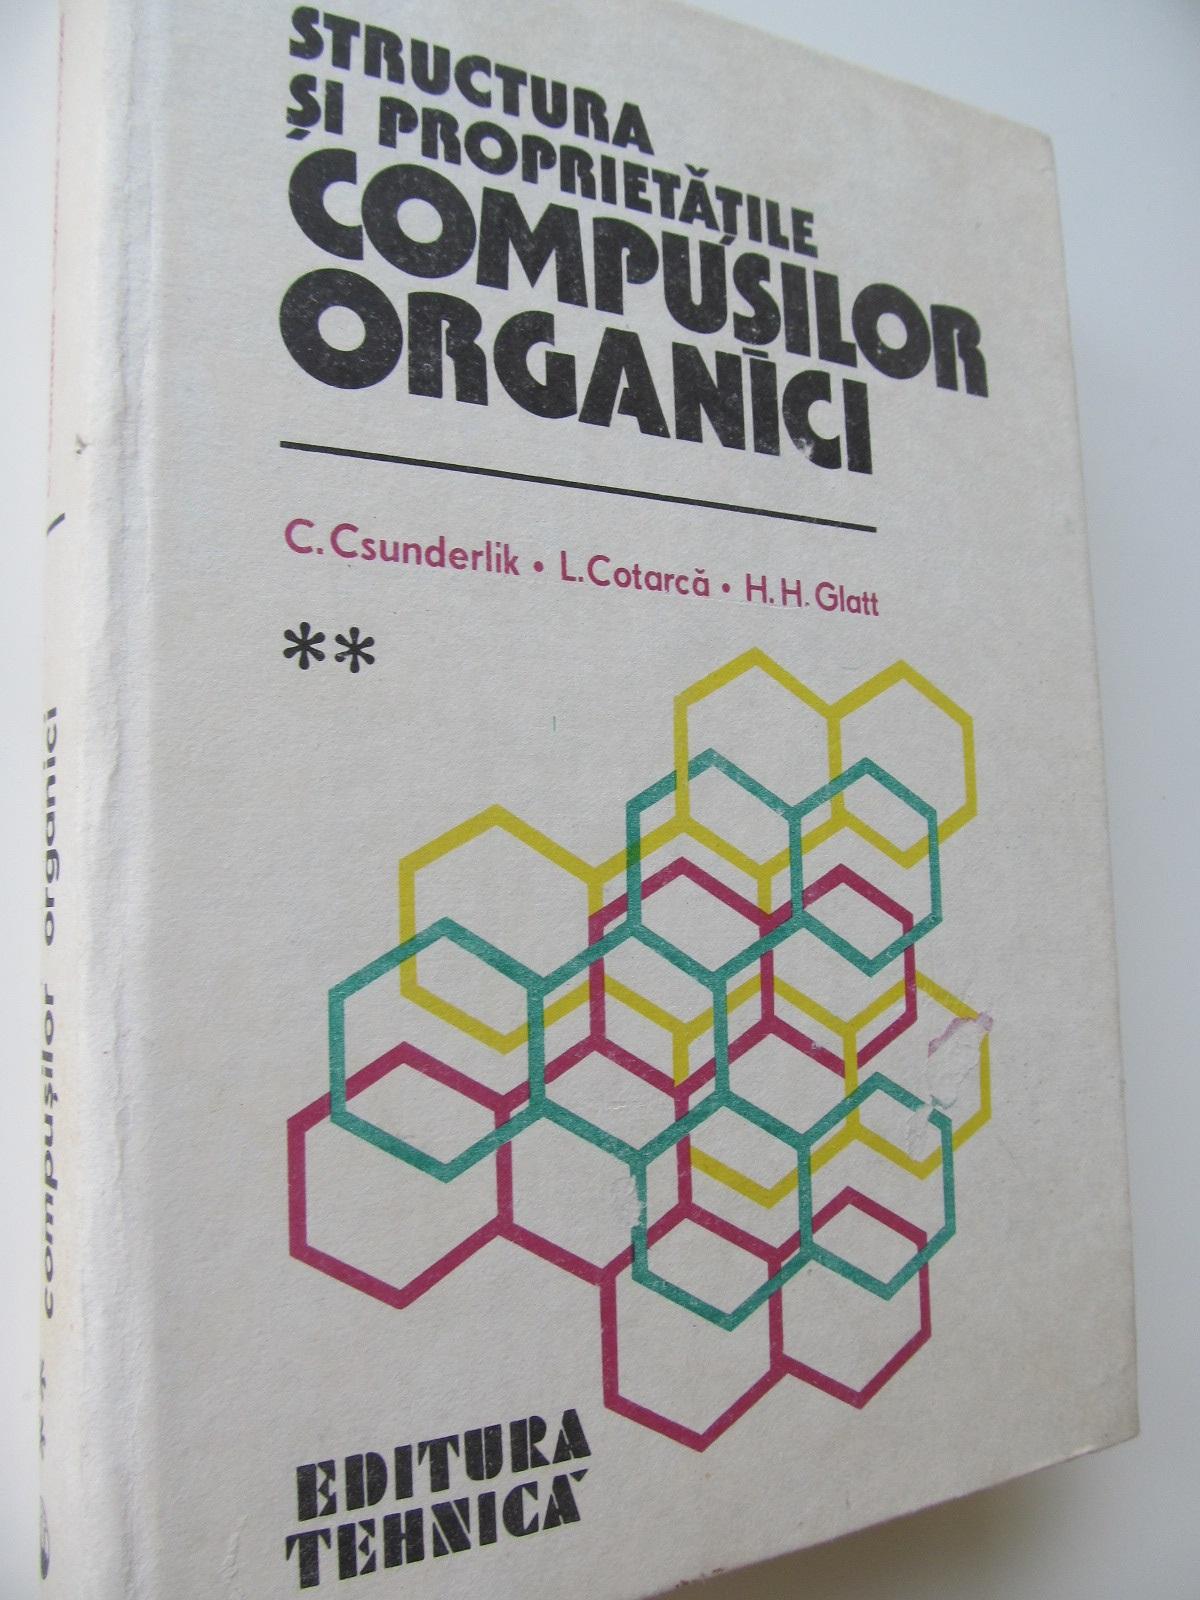 Structura si proprietatile compusilor organici (vol. 2) - C. Csunderlik , L. Cotarca , H. H. Glatt | Detalii carte